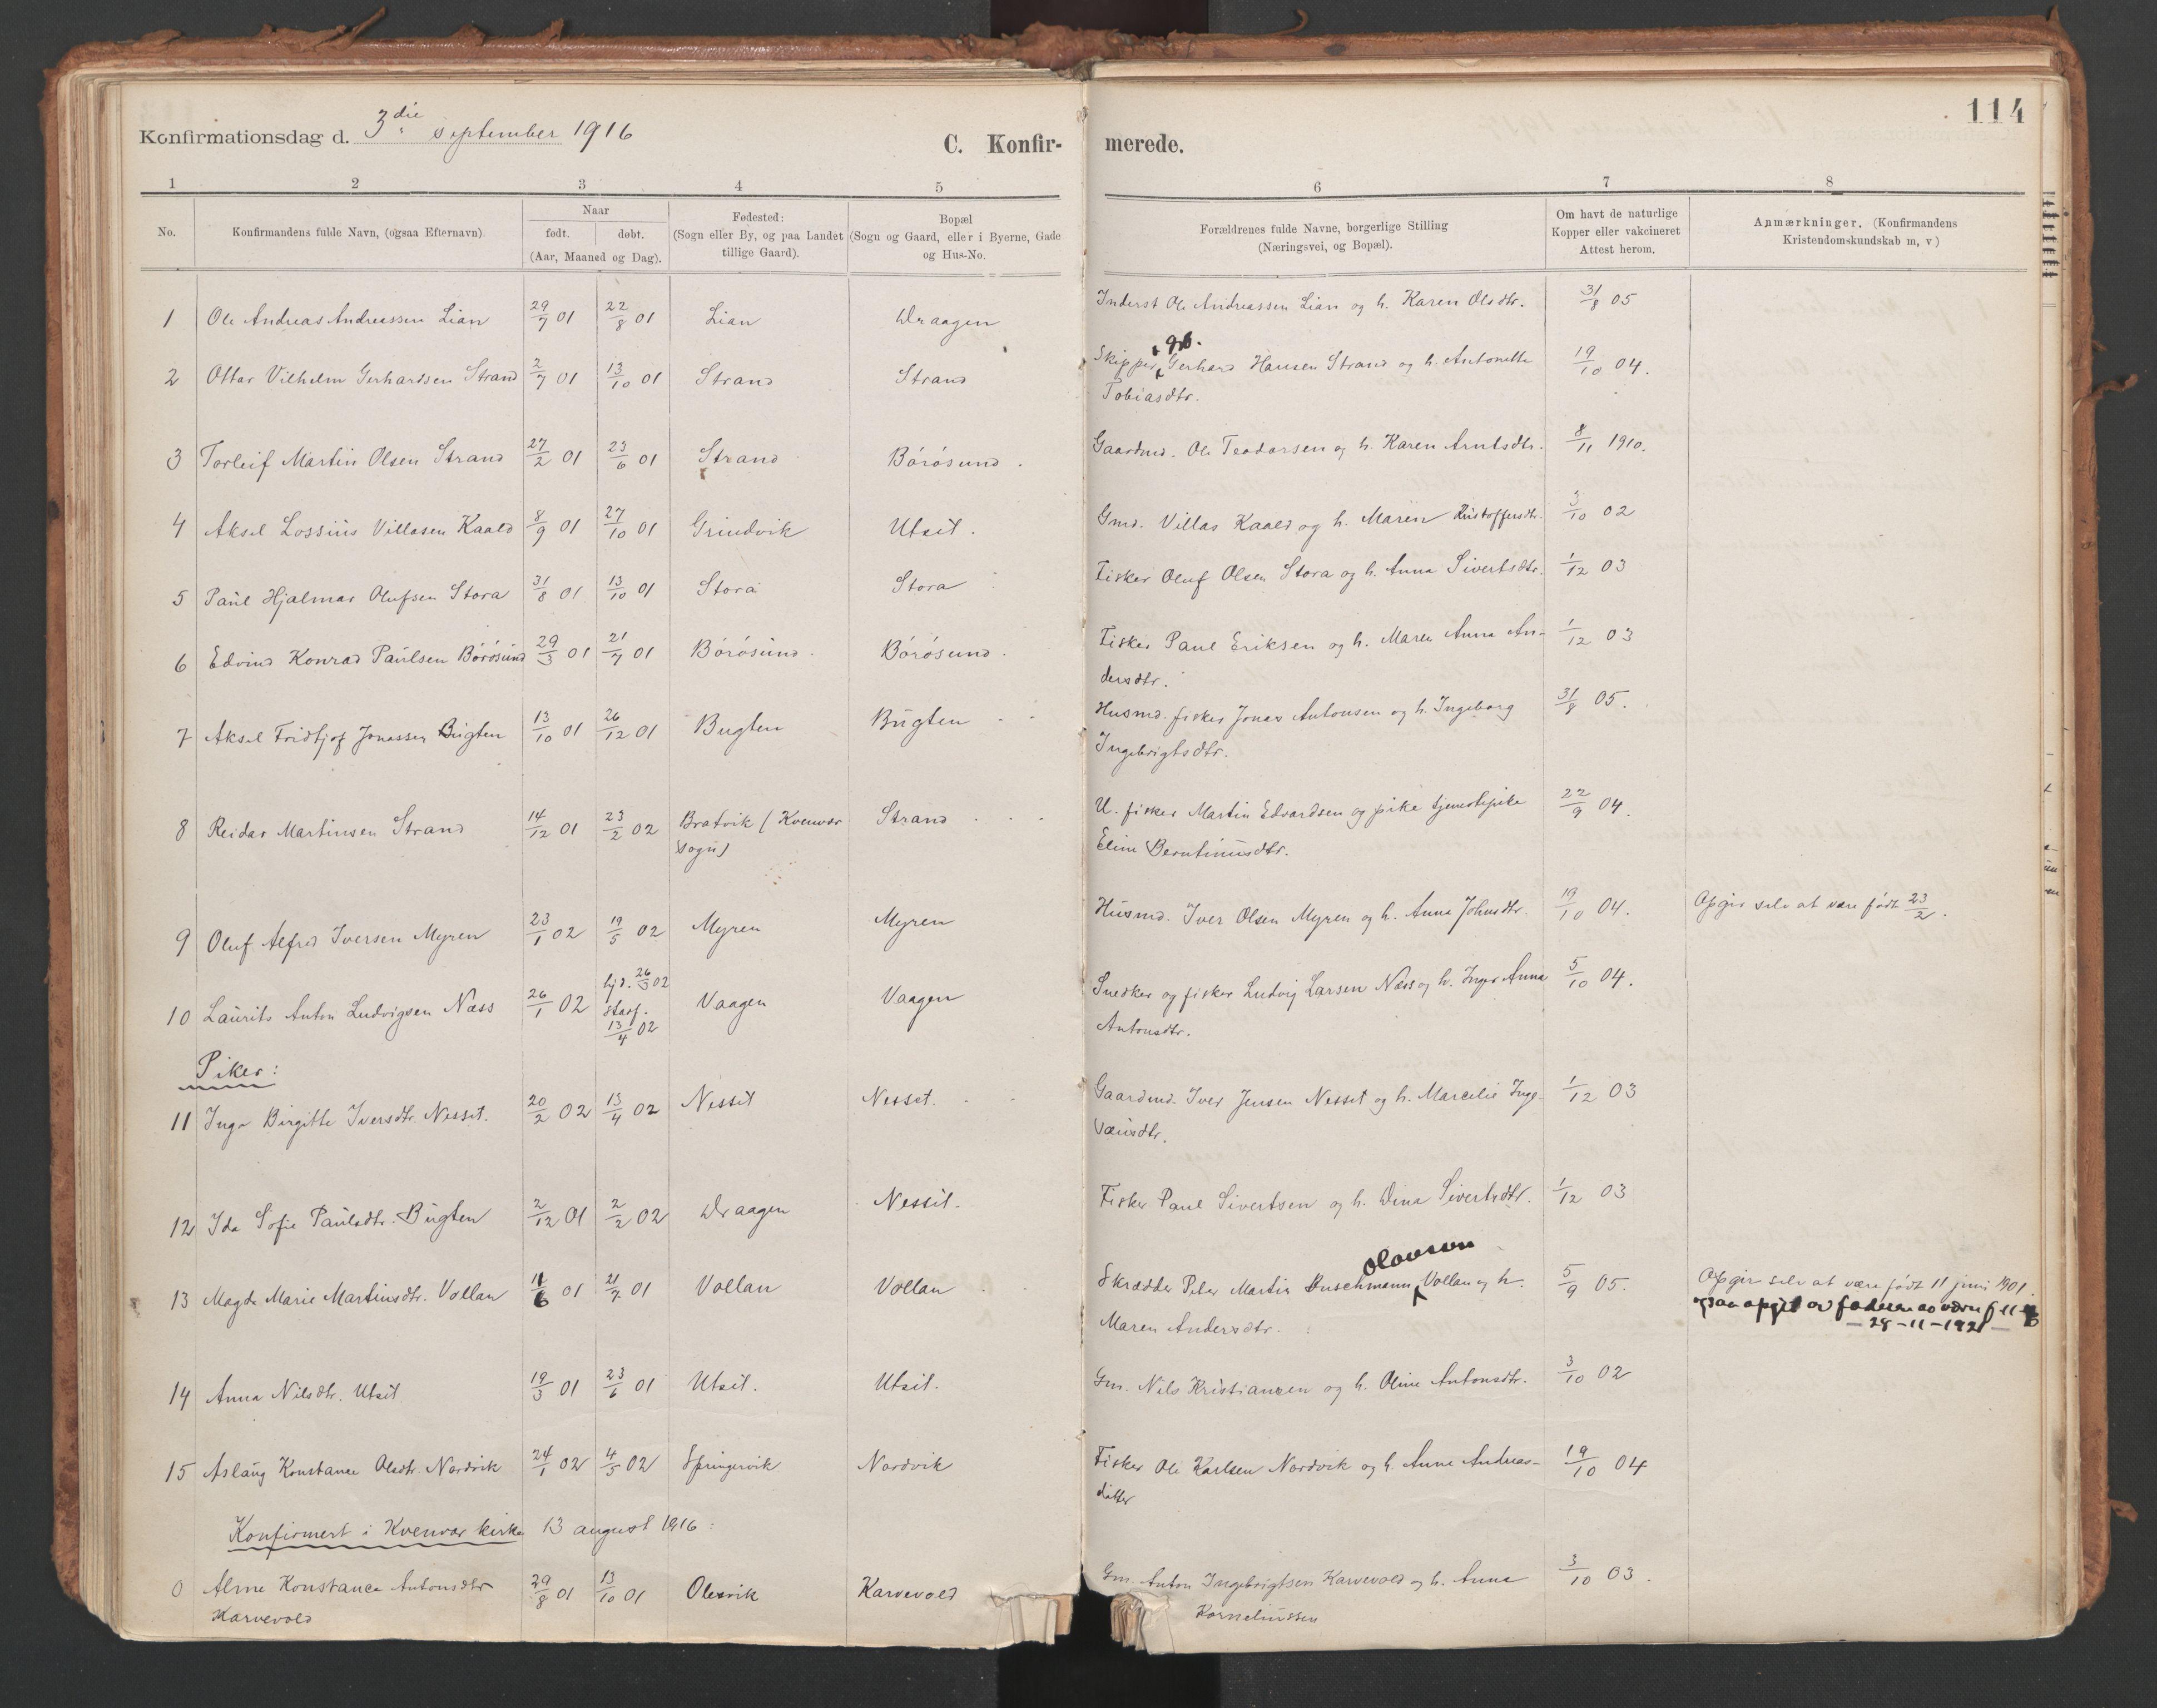 SAT, Ministerialprotokoller, klokkerbøker og fødselsregistre - Sør-Trøndelag, 639/L0572: Ministerialbok nr. 639A01, 1890-1920, s. 114